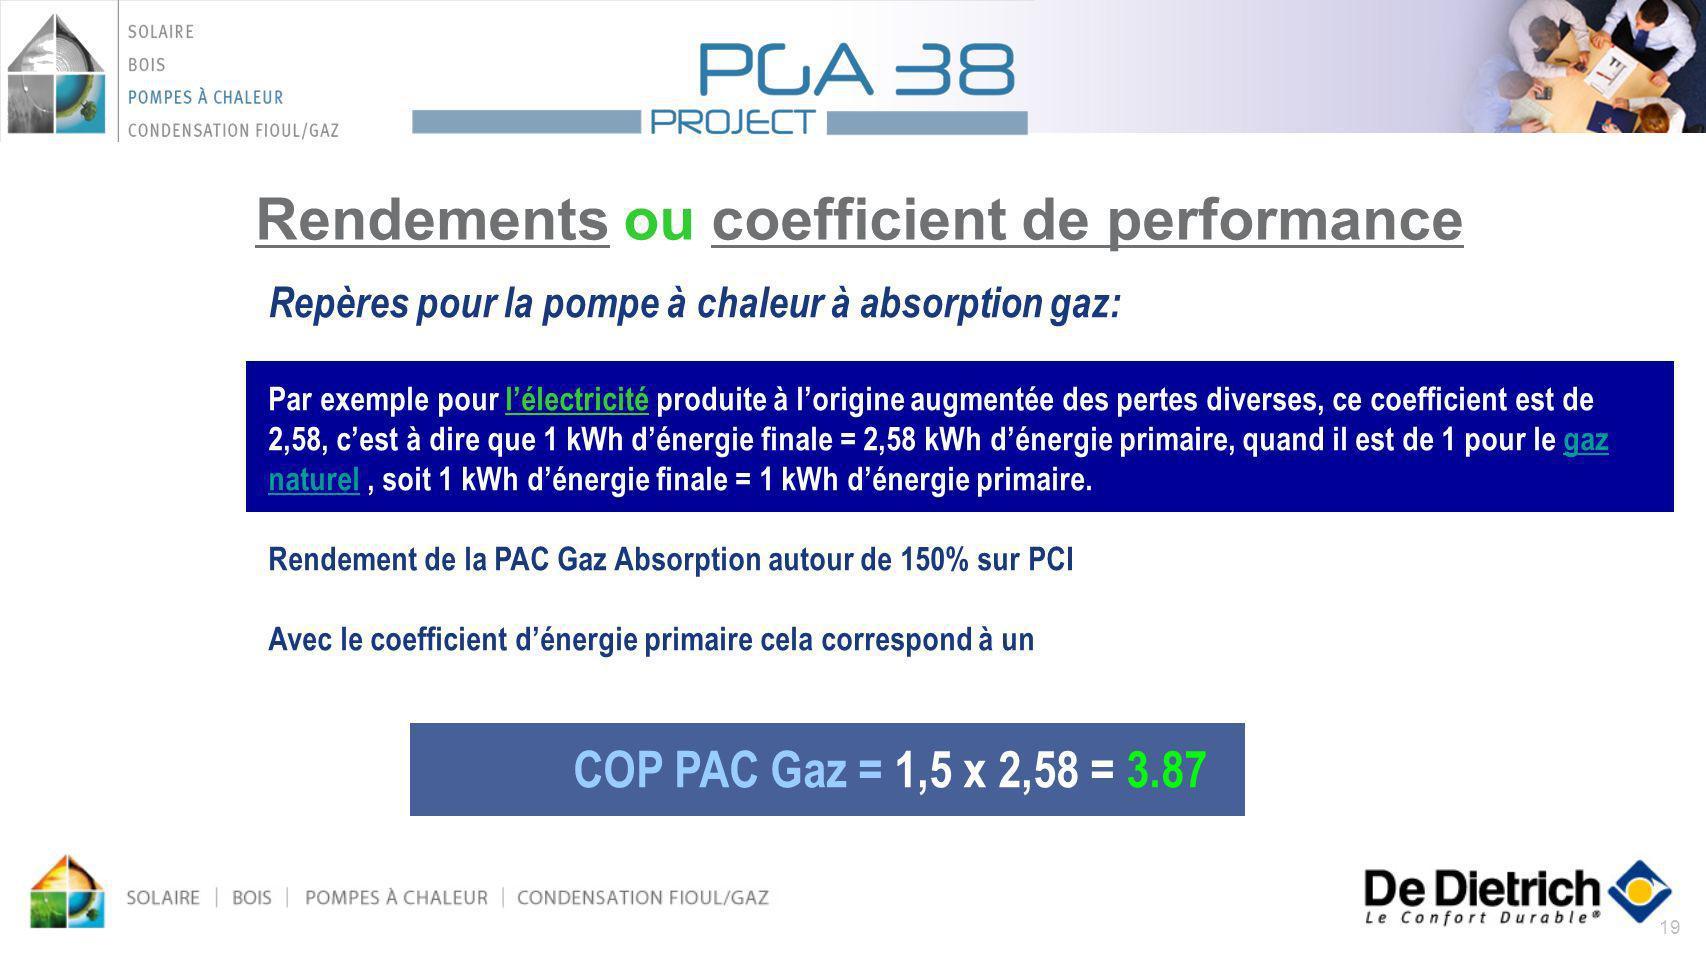 Rendements ou coefficient de performance